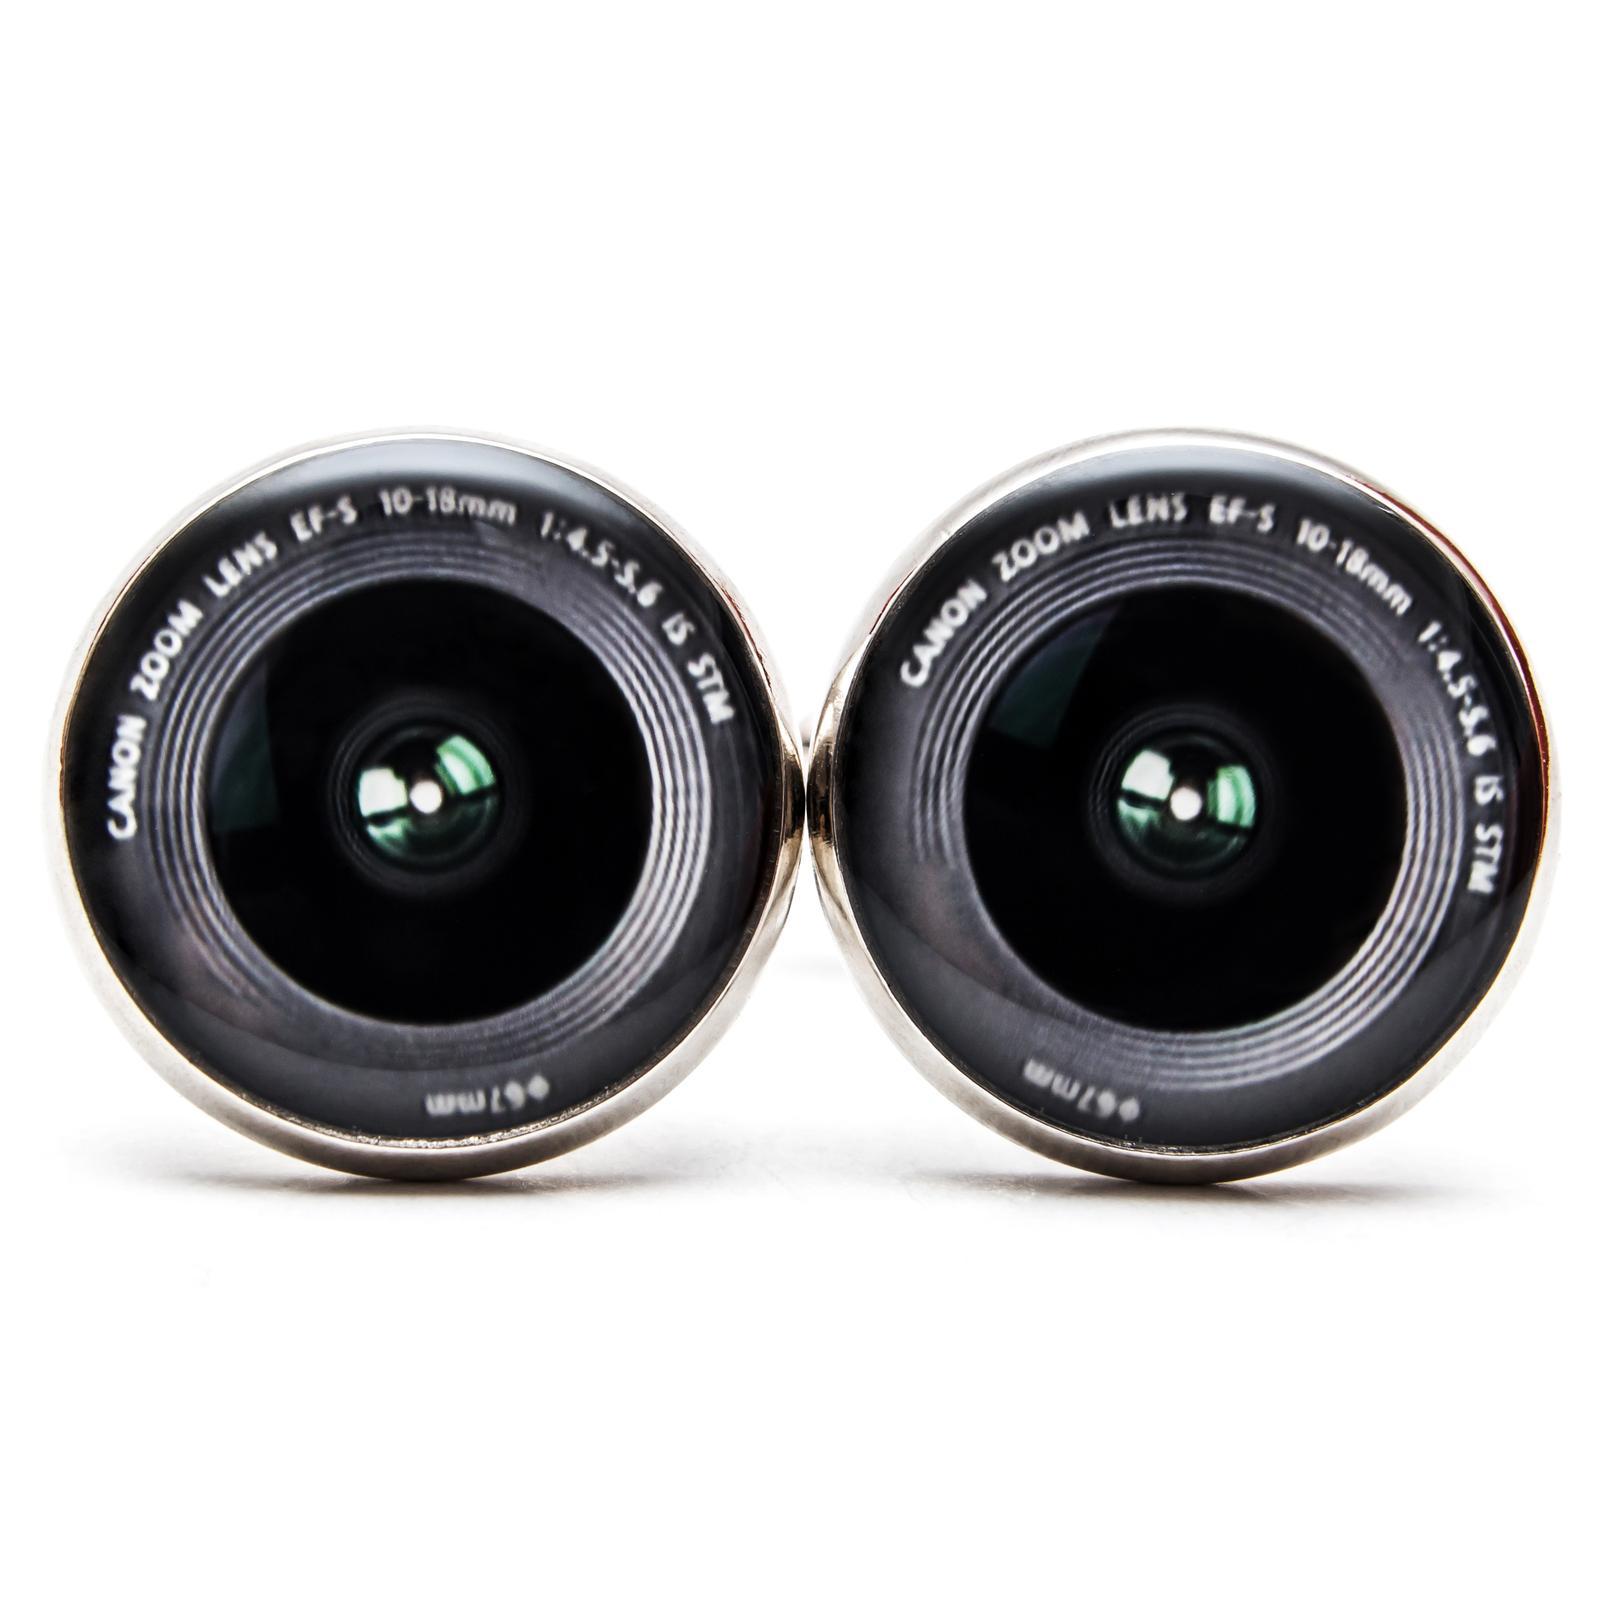 ♥  Manžetové gombíky na mieru - presne podľa Tvojich predstáv ♥ - Manžetky pre vášnivého fotografa